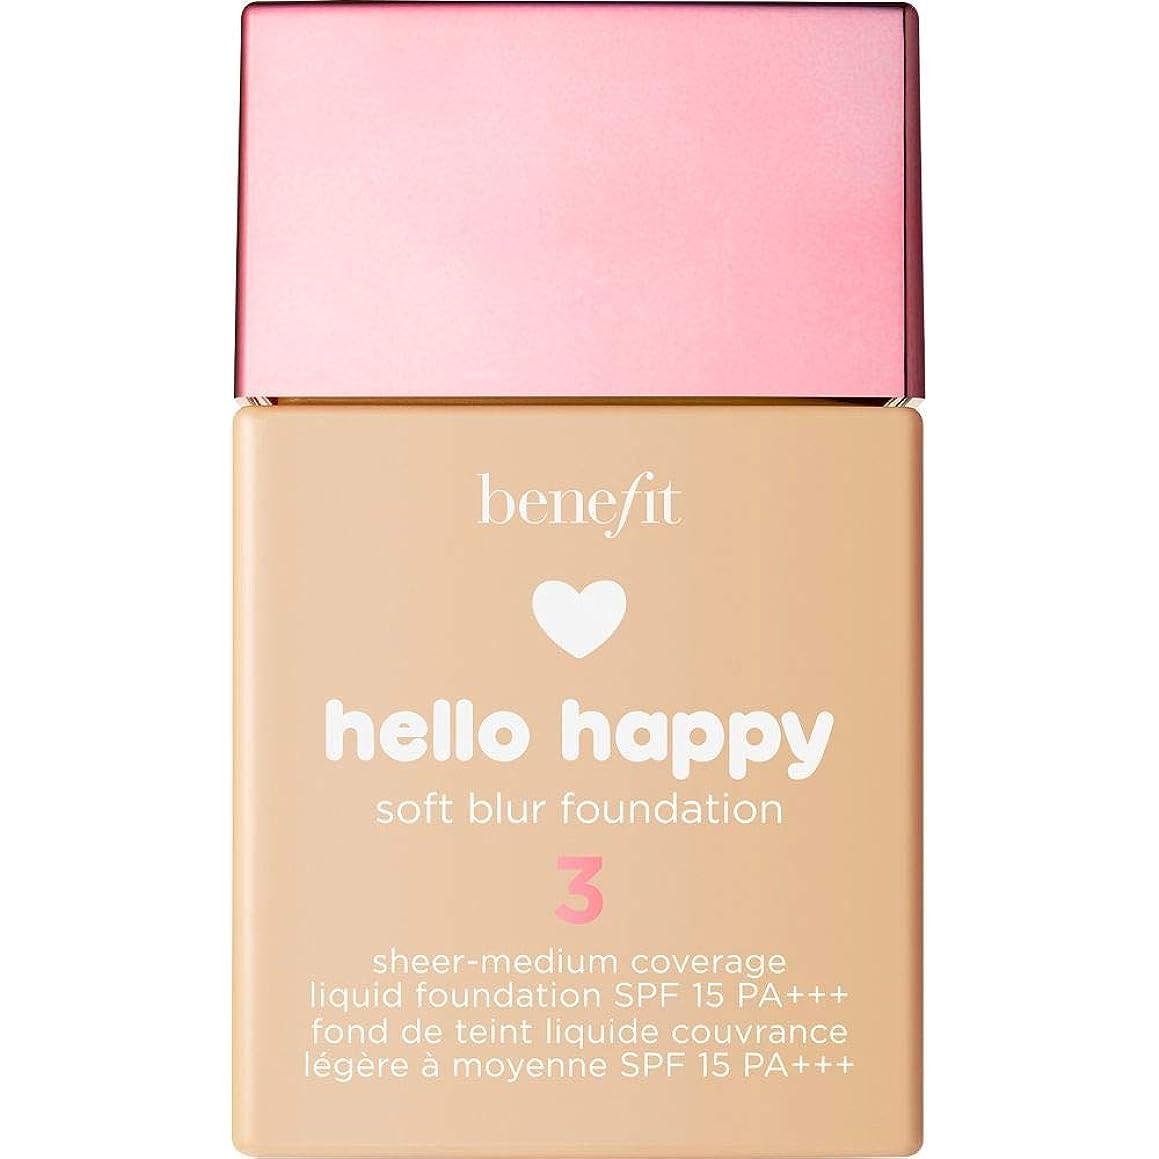 家族成功するステンレス[Benefit ] 利益こんにちは幸せなソフトブラー基礎Spf15 30ミリリットル3 - ニュートラルライト - Benefit Hello Happy Soft Blur Foundation SPF15 30ml 3 - Light Neutral [並行輸入品]